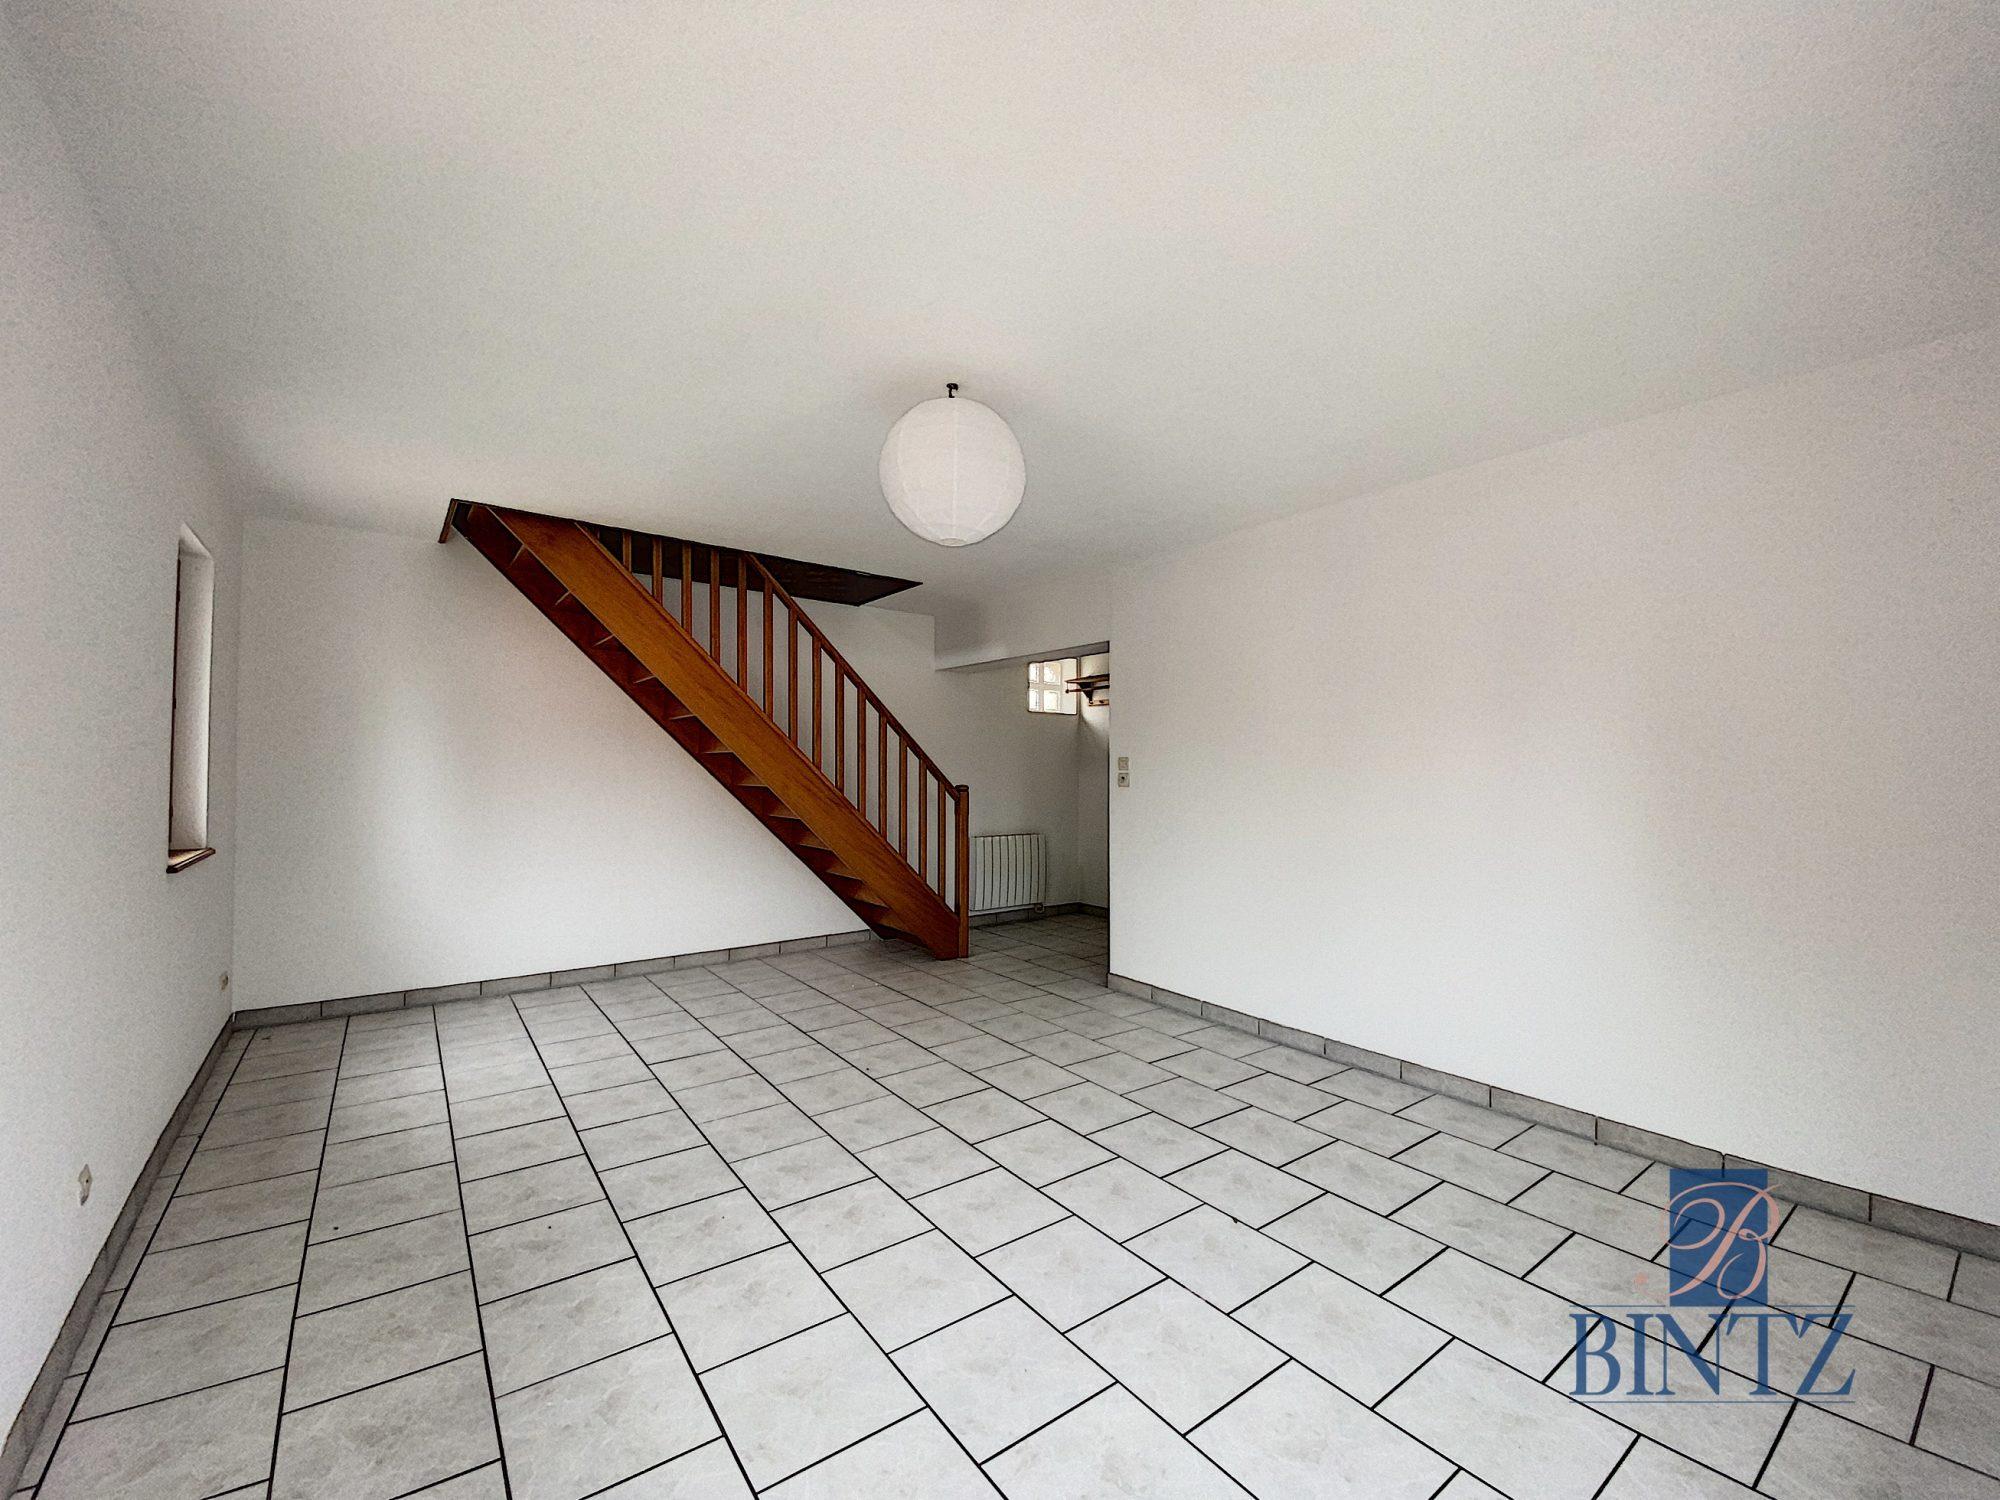 Charmant T3 Duplex avec belle terrasse - Devenez propriétaire en toute confiance - Bintz Immobilier - 4